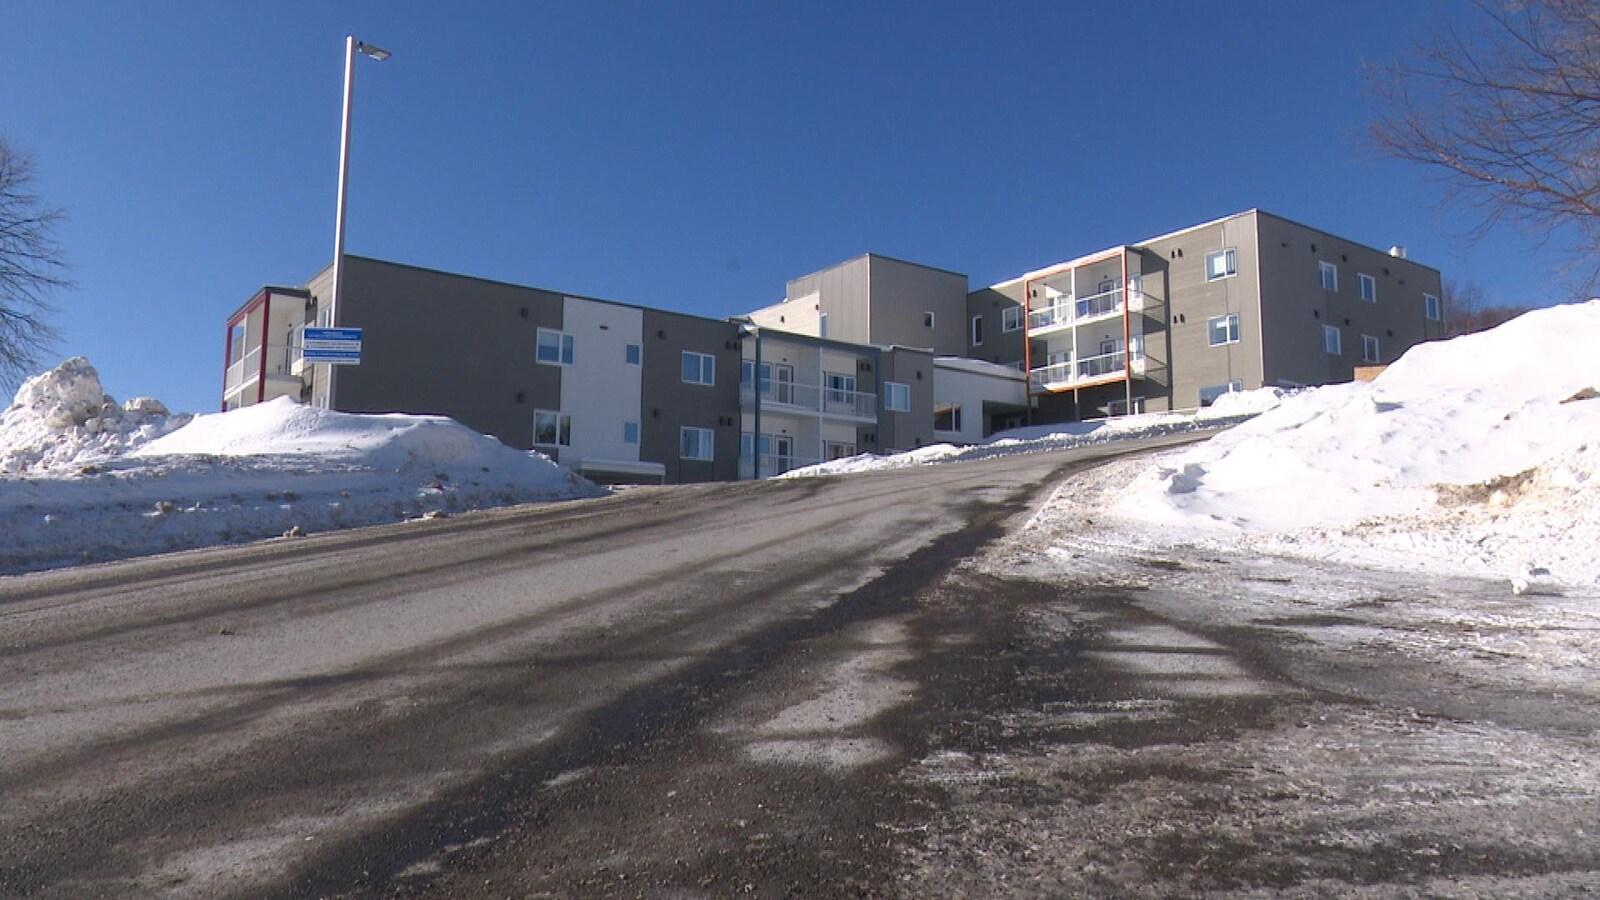 Le bâtiment gris et blanc est situé en haut d'une côte, à Gaspé.